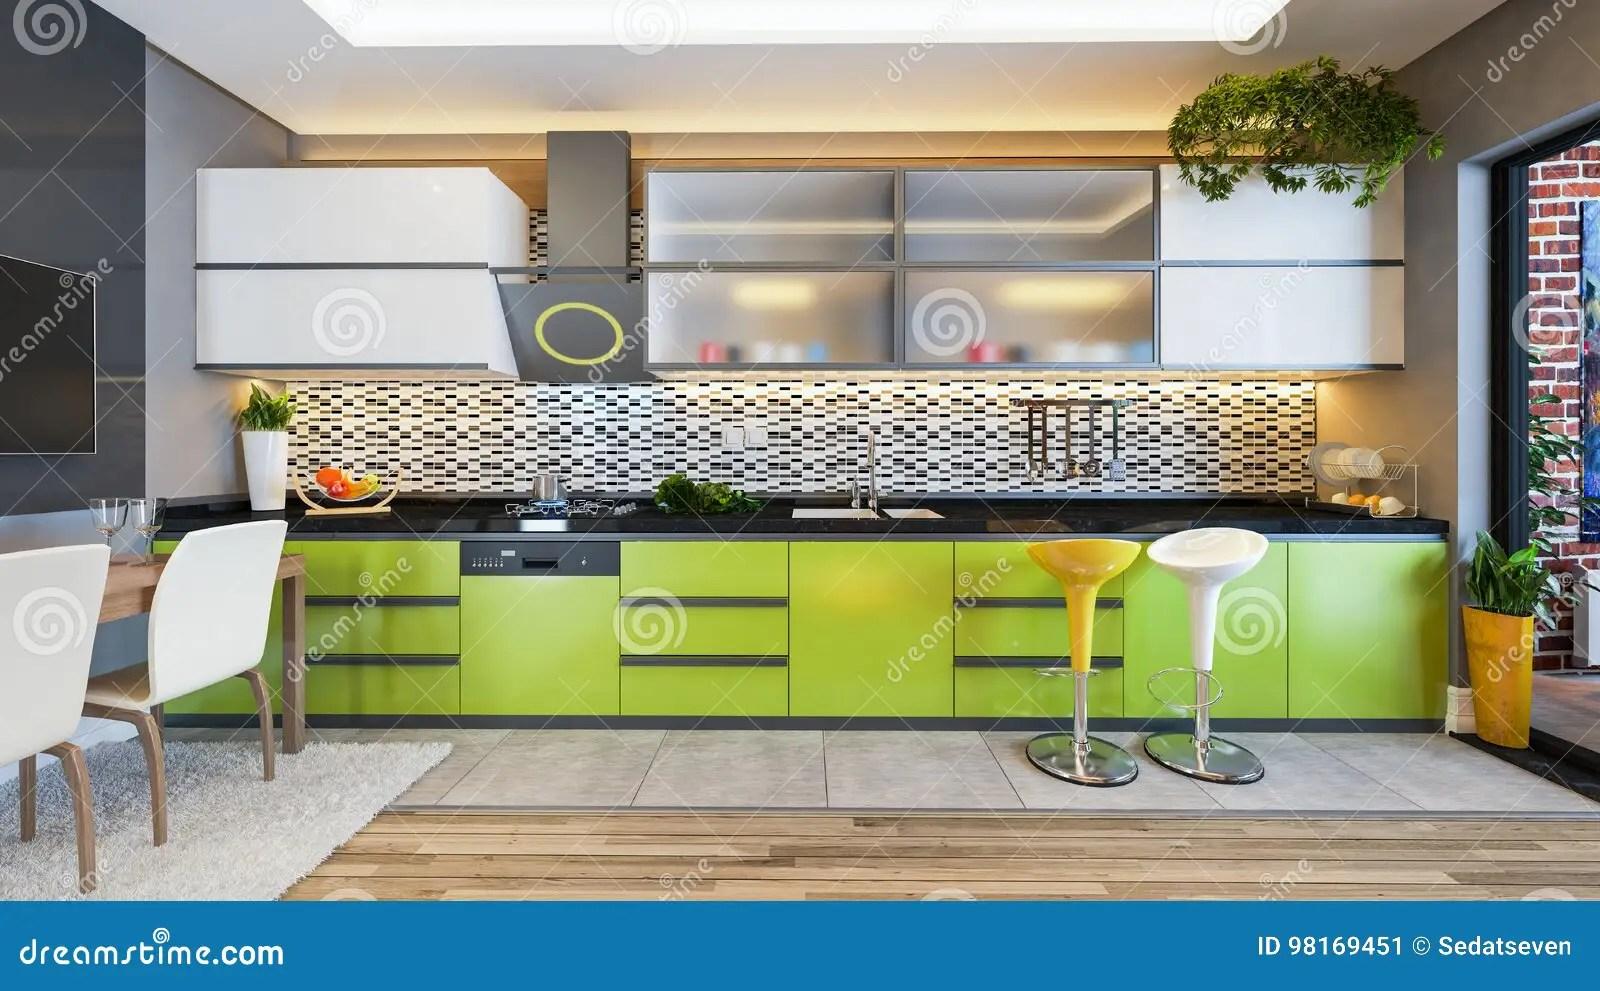 green kitchen decor cleaning cabinets 绿色厨房设计装饰想法库存例证 插画包括有烹调 前面 照明设备 果子 绿色厨房设计装饰想法